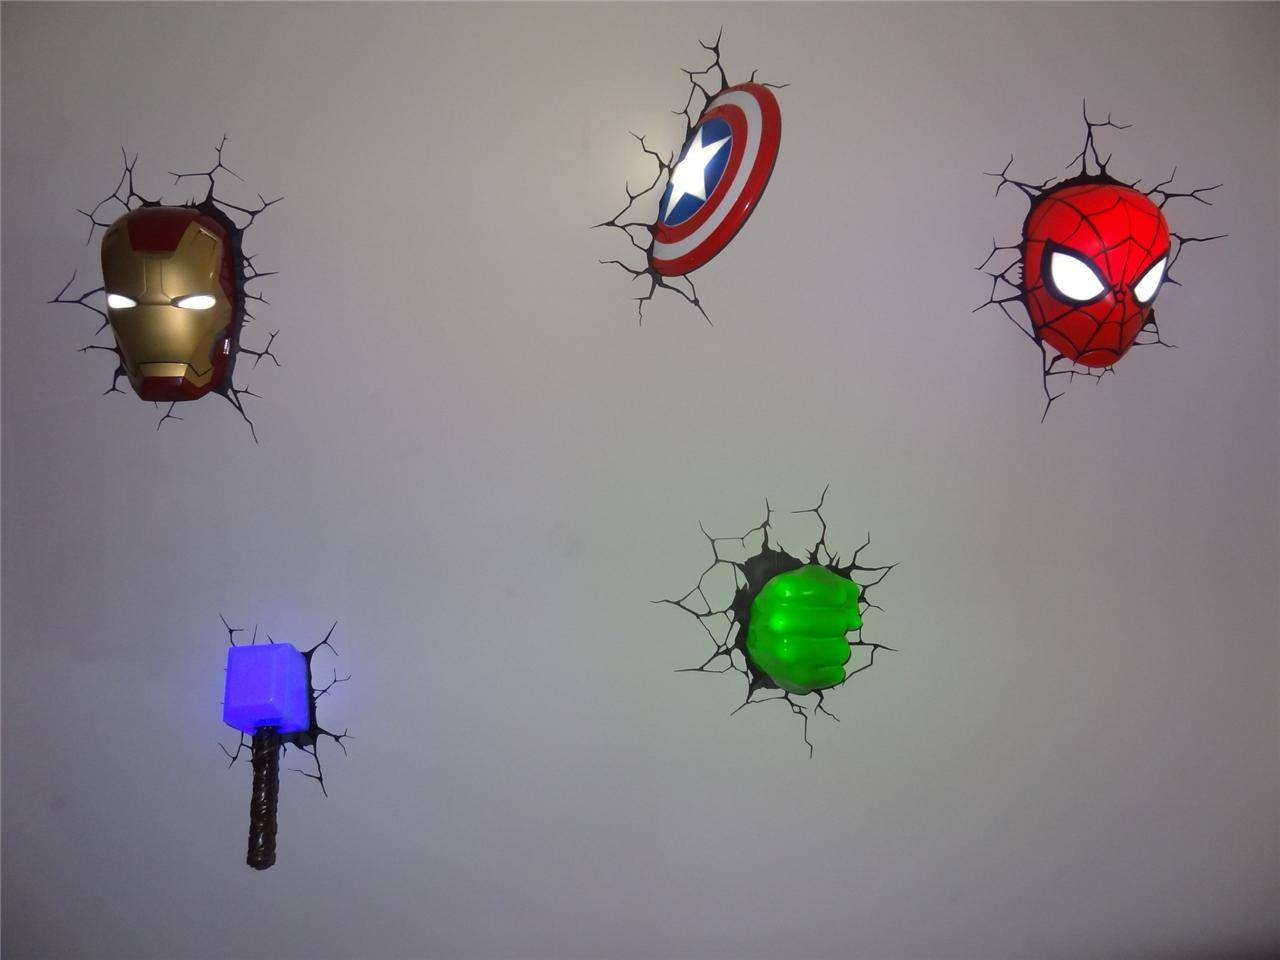 Thor Hammer 3d Wall Art Decor Night Light Lamp Uk | Wallartideas Within Current Thor Hammer 3d Wall Art (View 10 of 20)